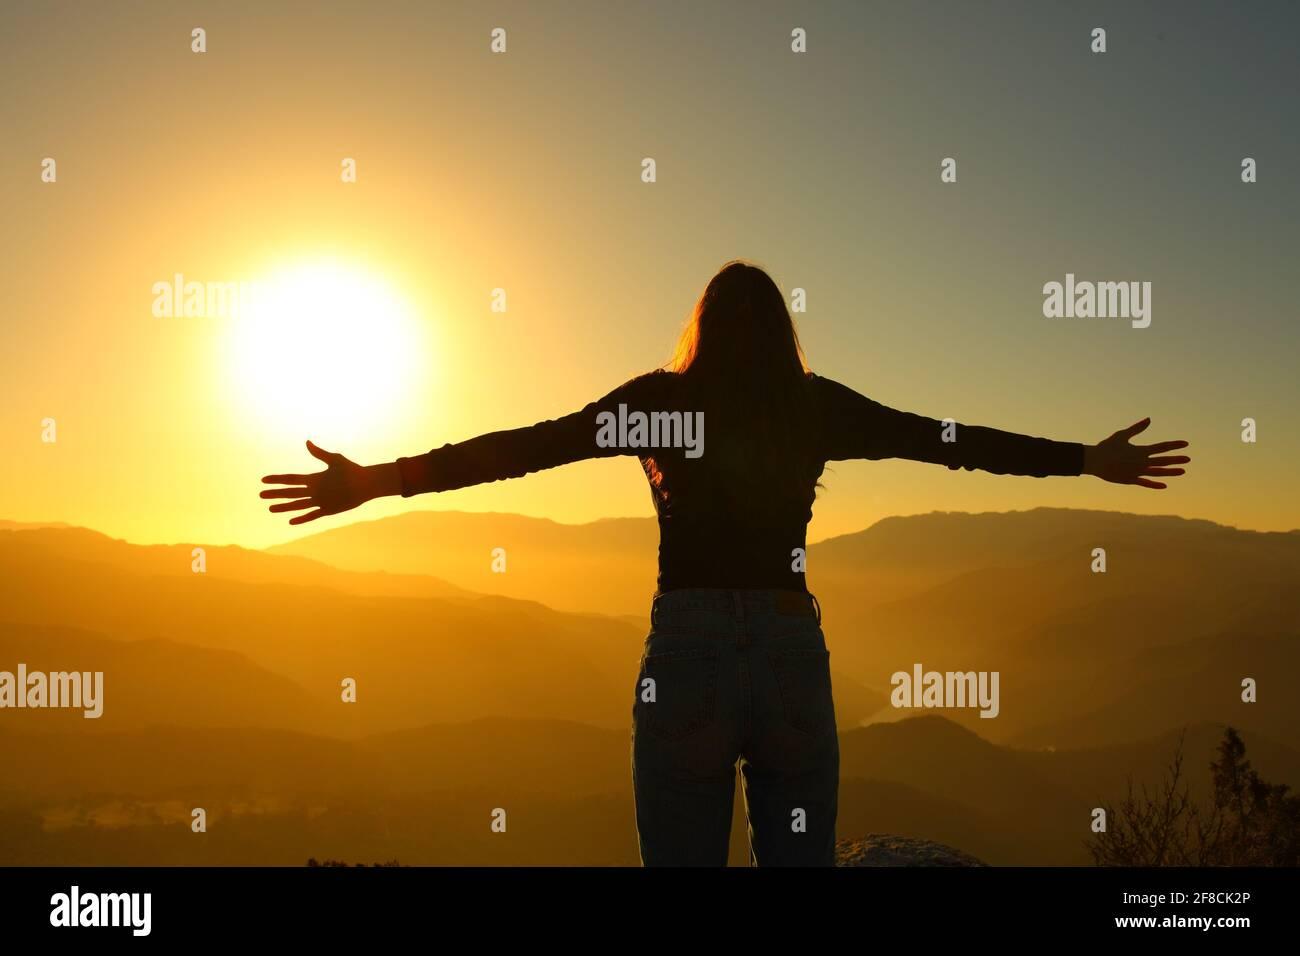 Vue arrière silhuette d'une femme se propageant à bras ouverts au coucher du soleil dans la montagne Banque D'Images